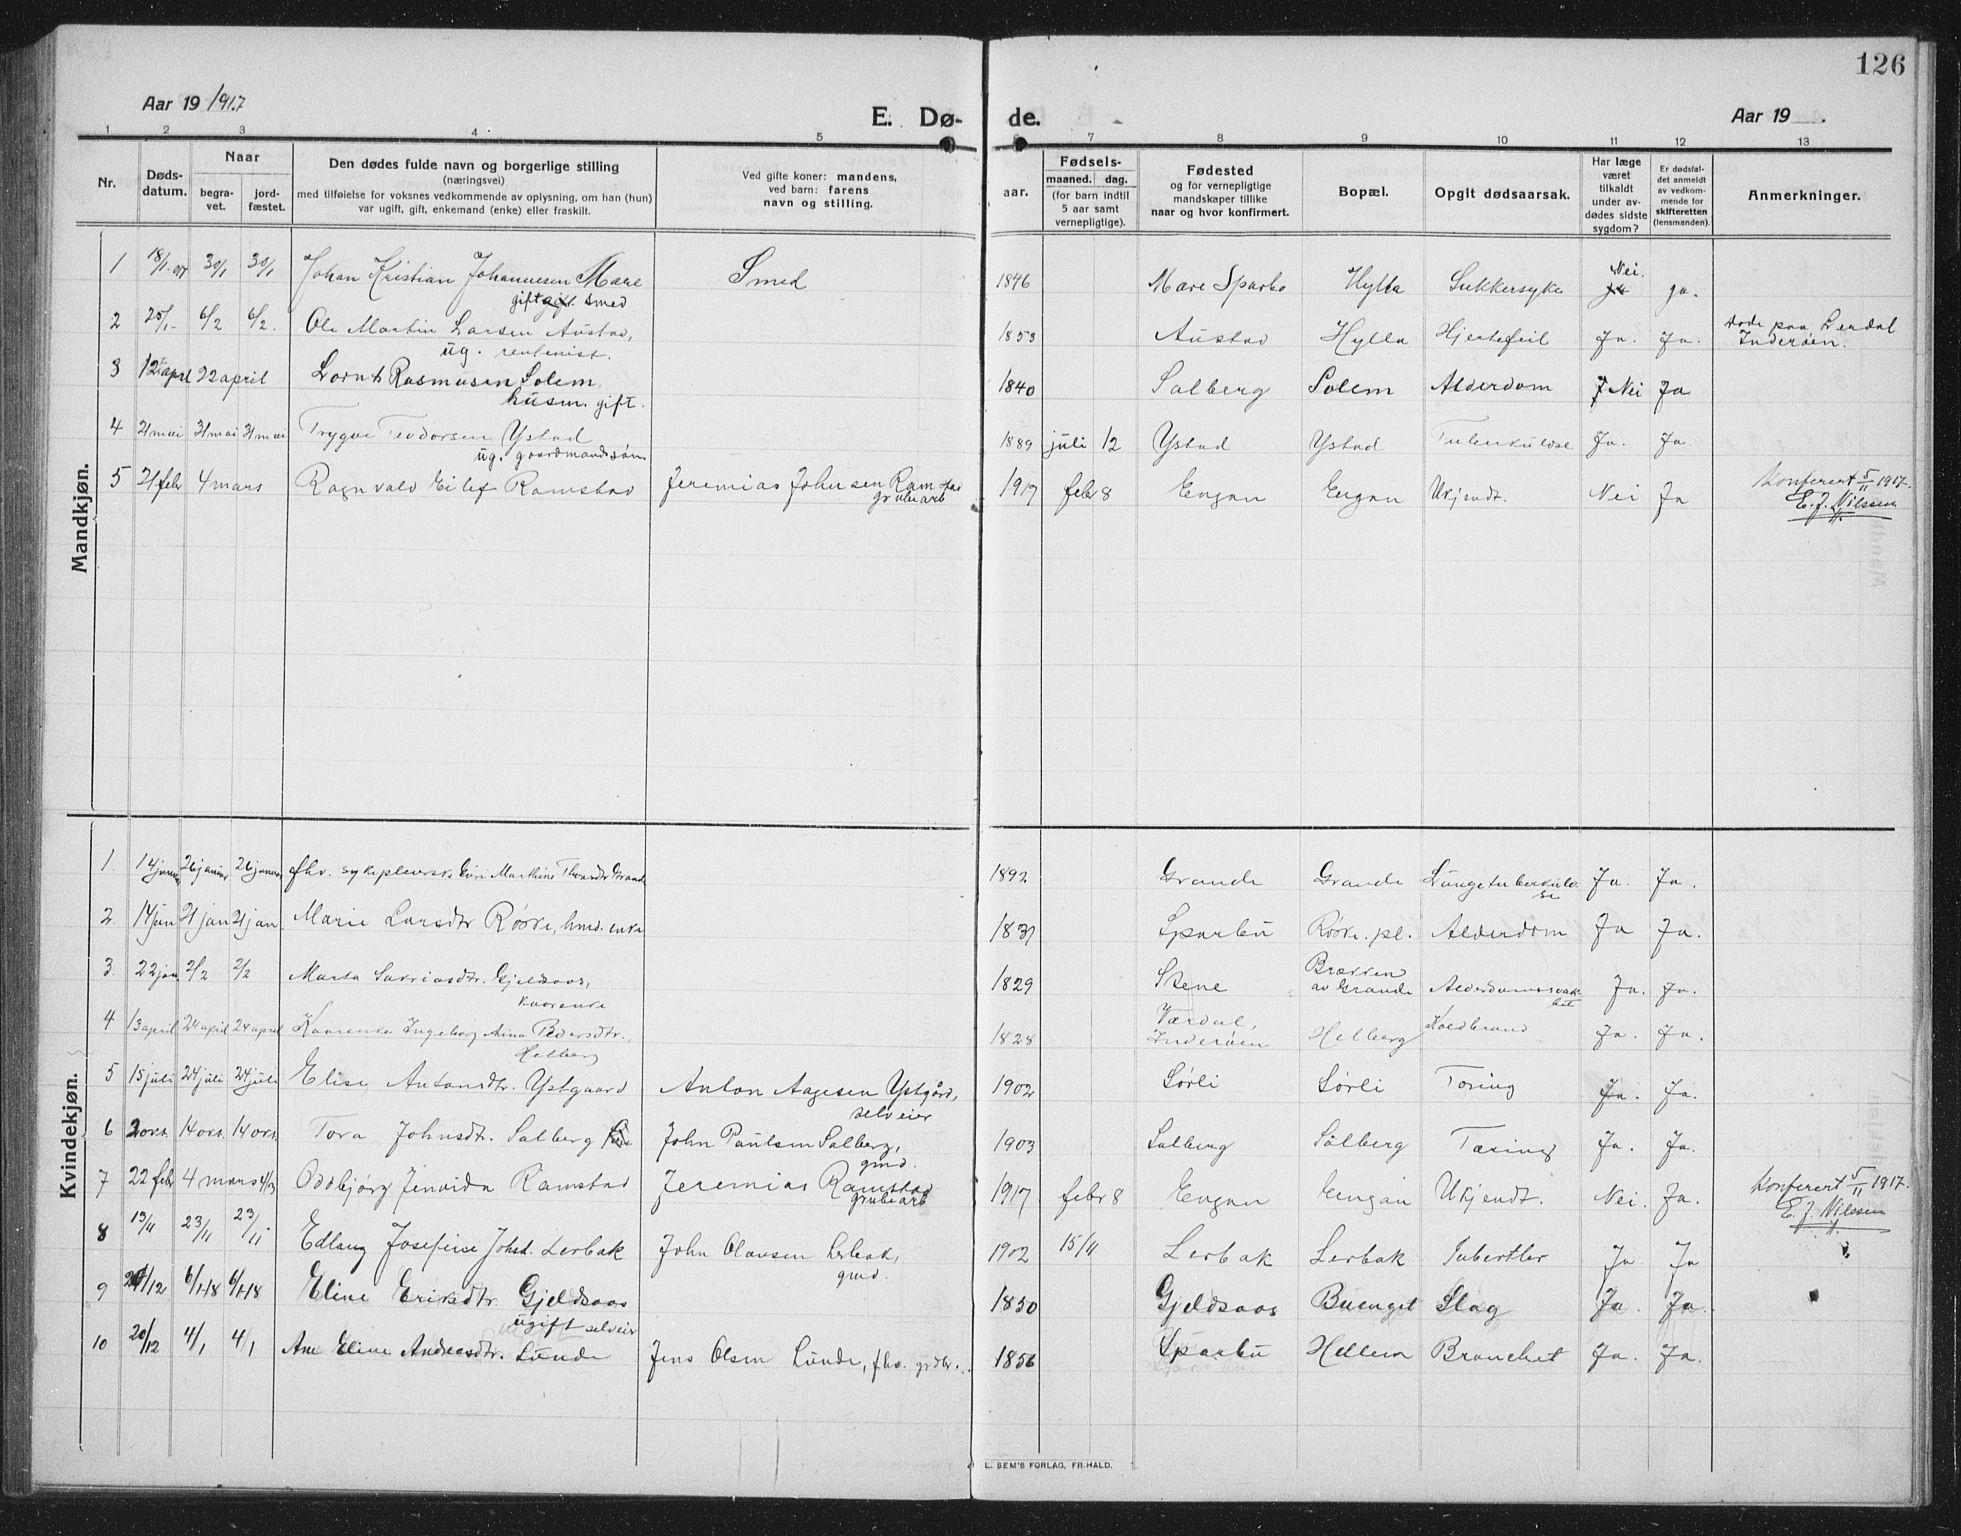 SAT, Ministerialprotokoller, klokkerbøker og fødselsregistre - Nord-Trøndelag, 731/L0312: Klokkerbok nr. 731C03, 1911-1935, s. 126